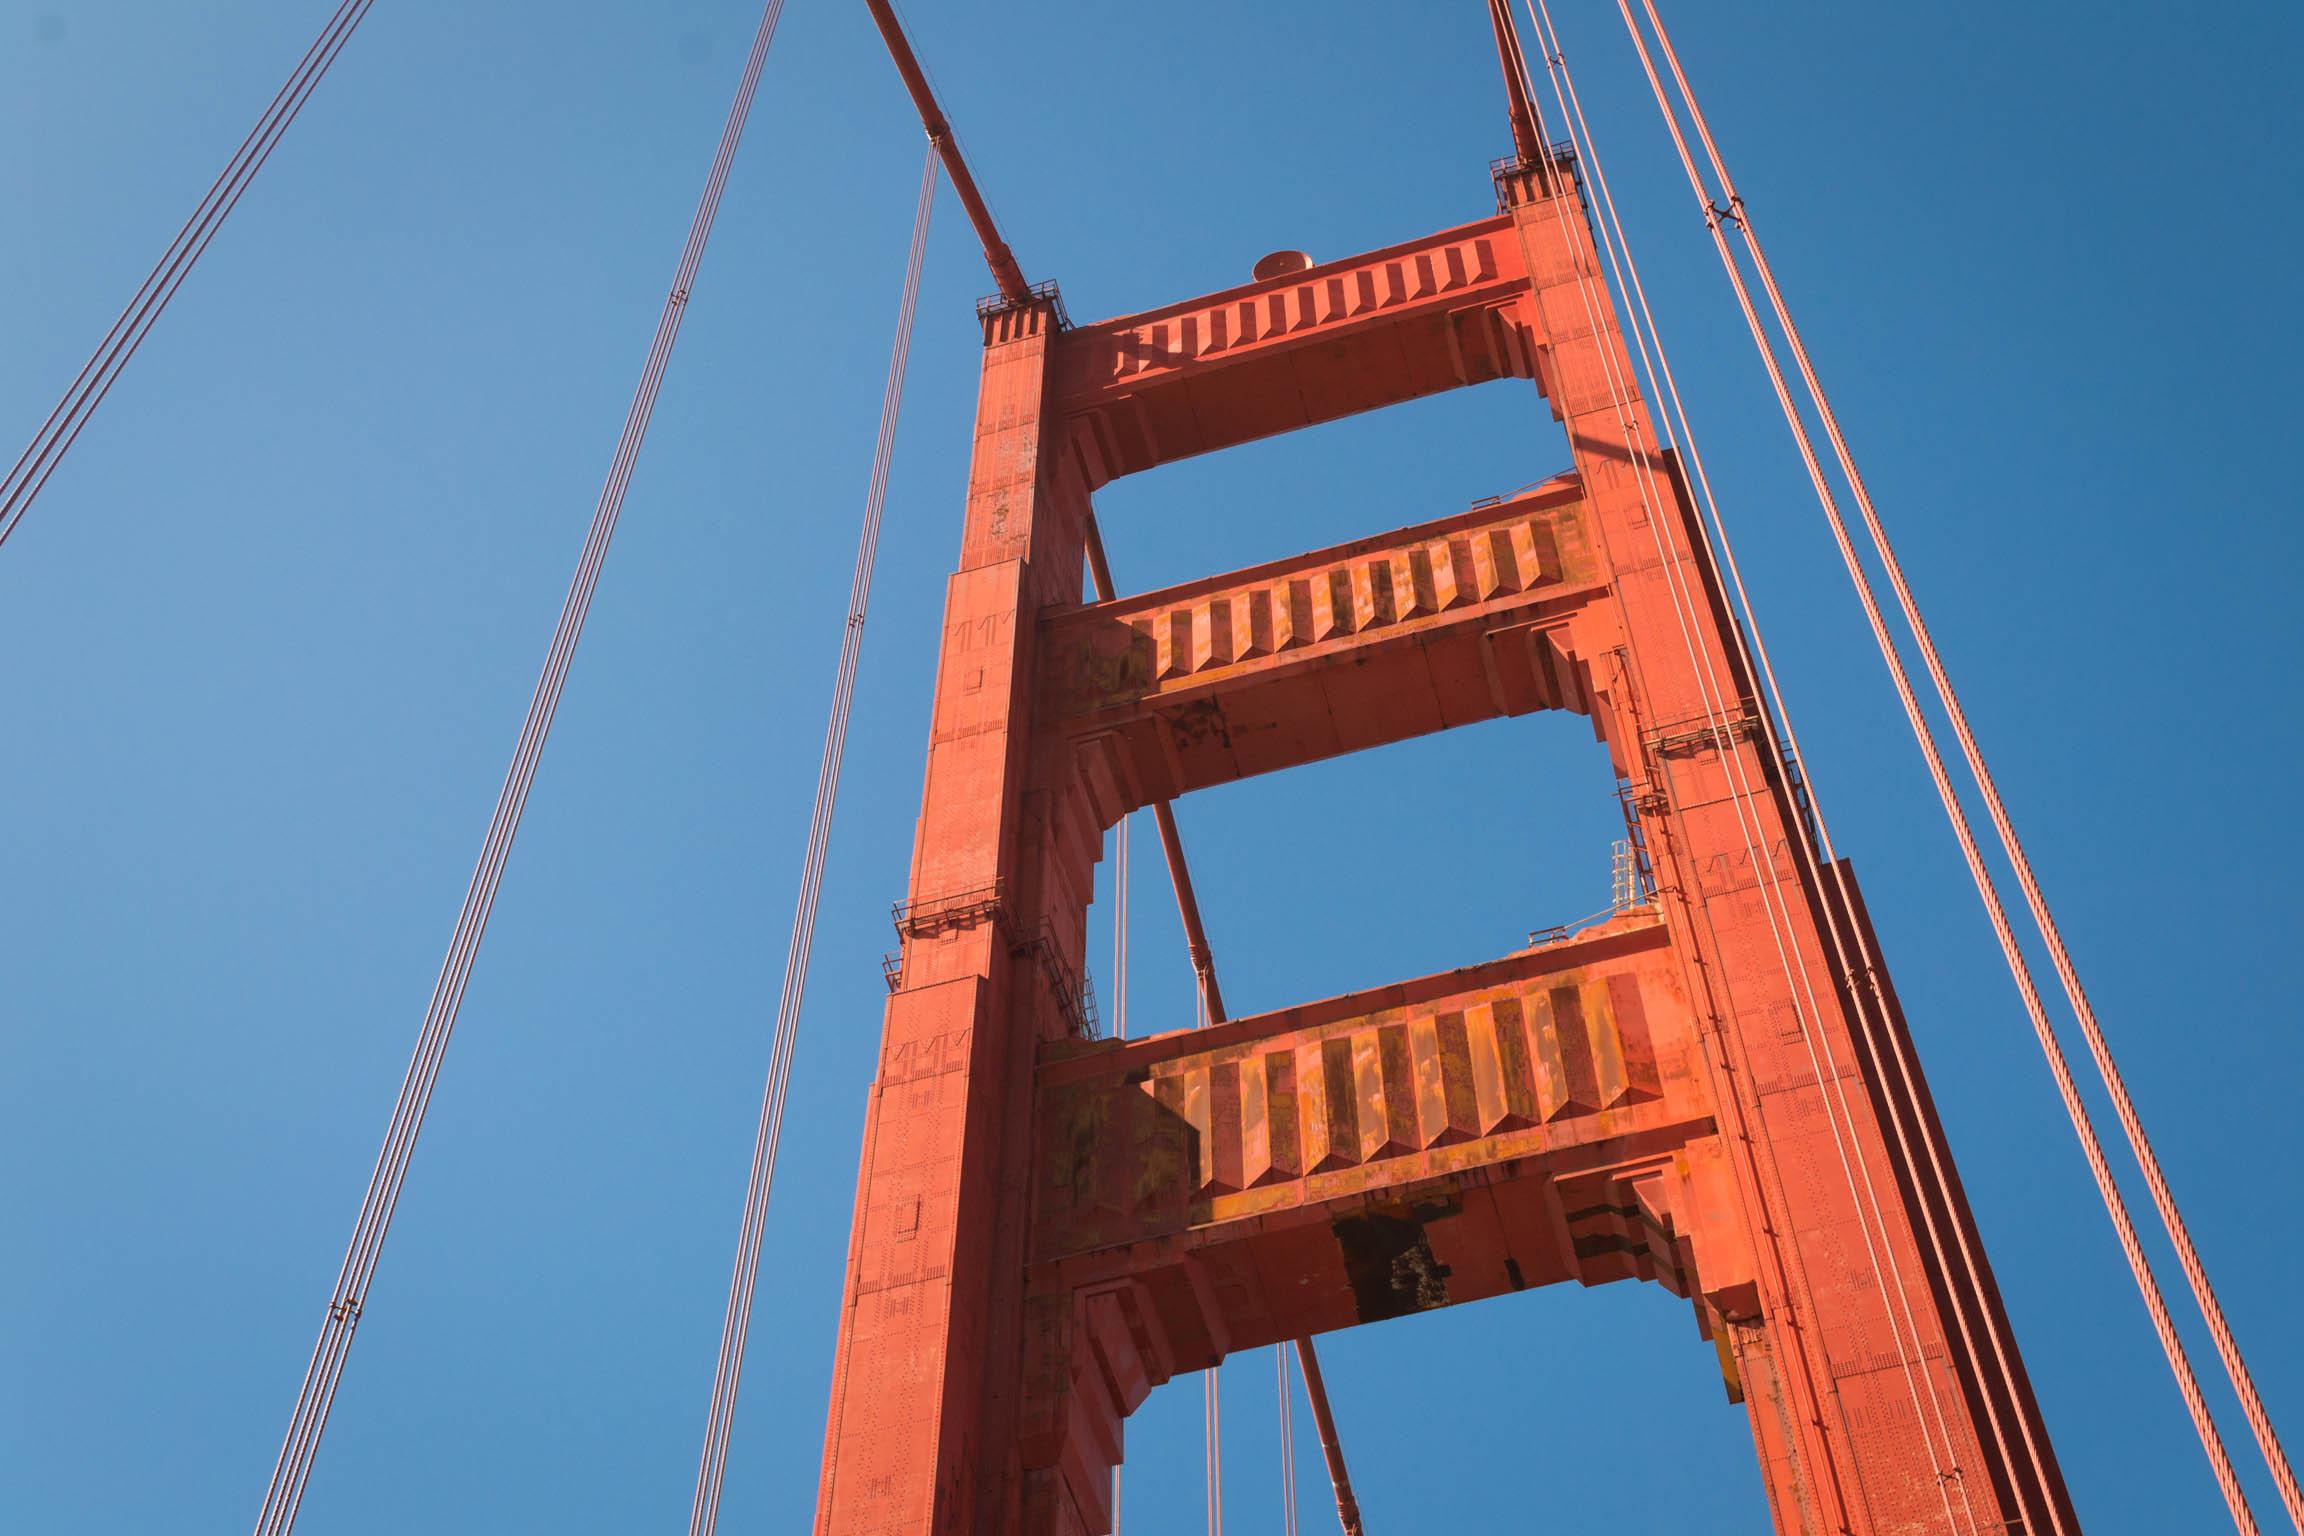 Ce pont offre des possibilités de graphisme surprenantes